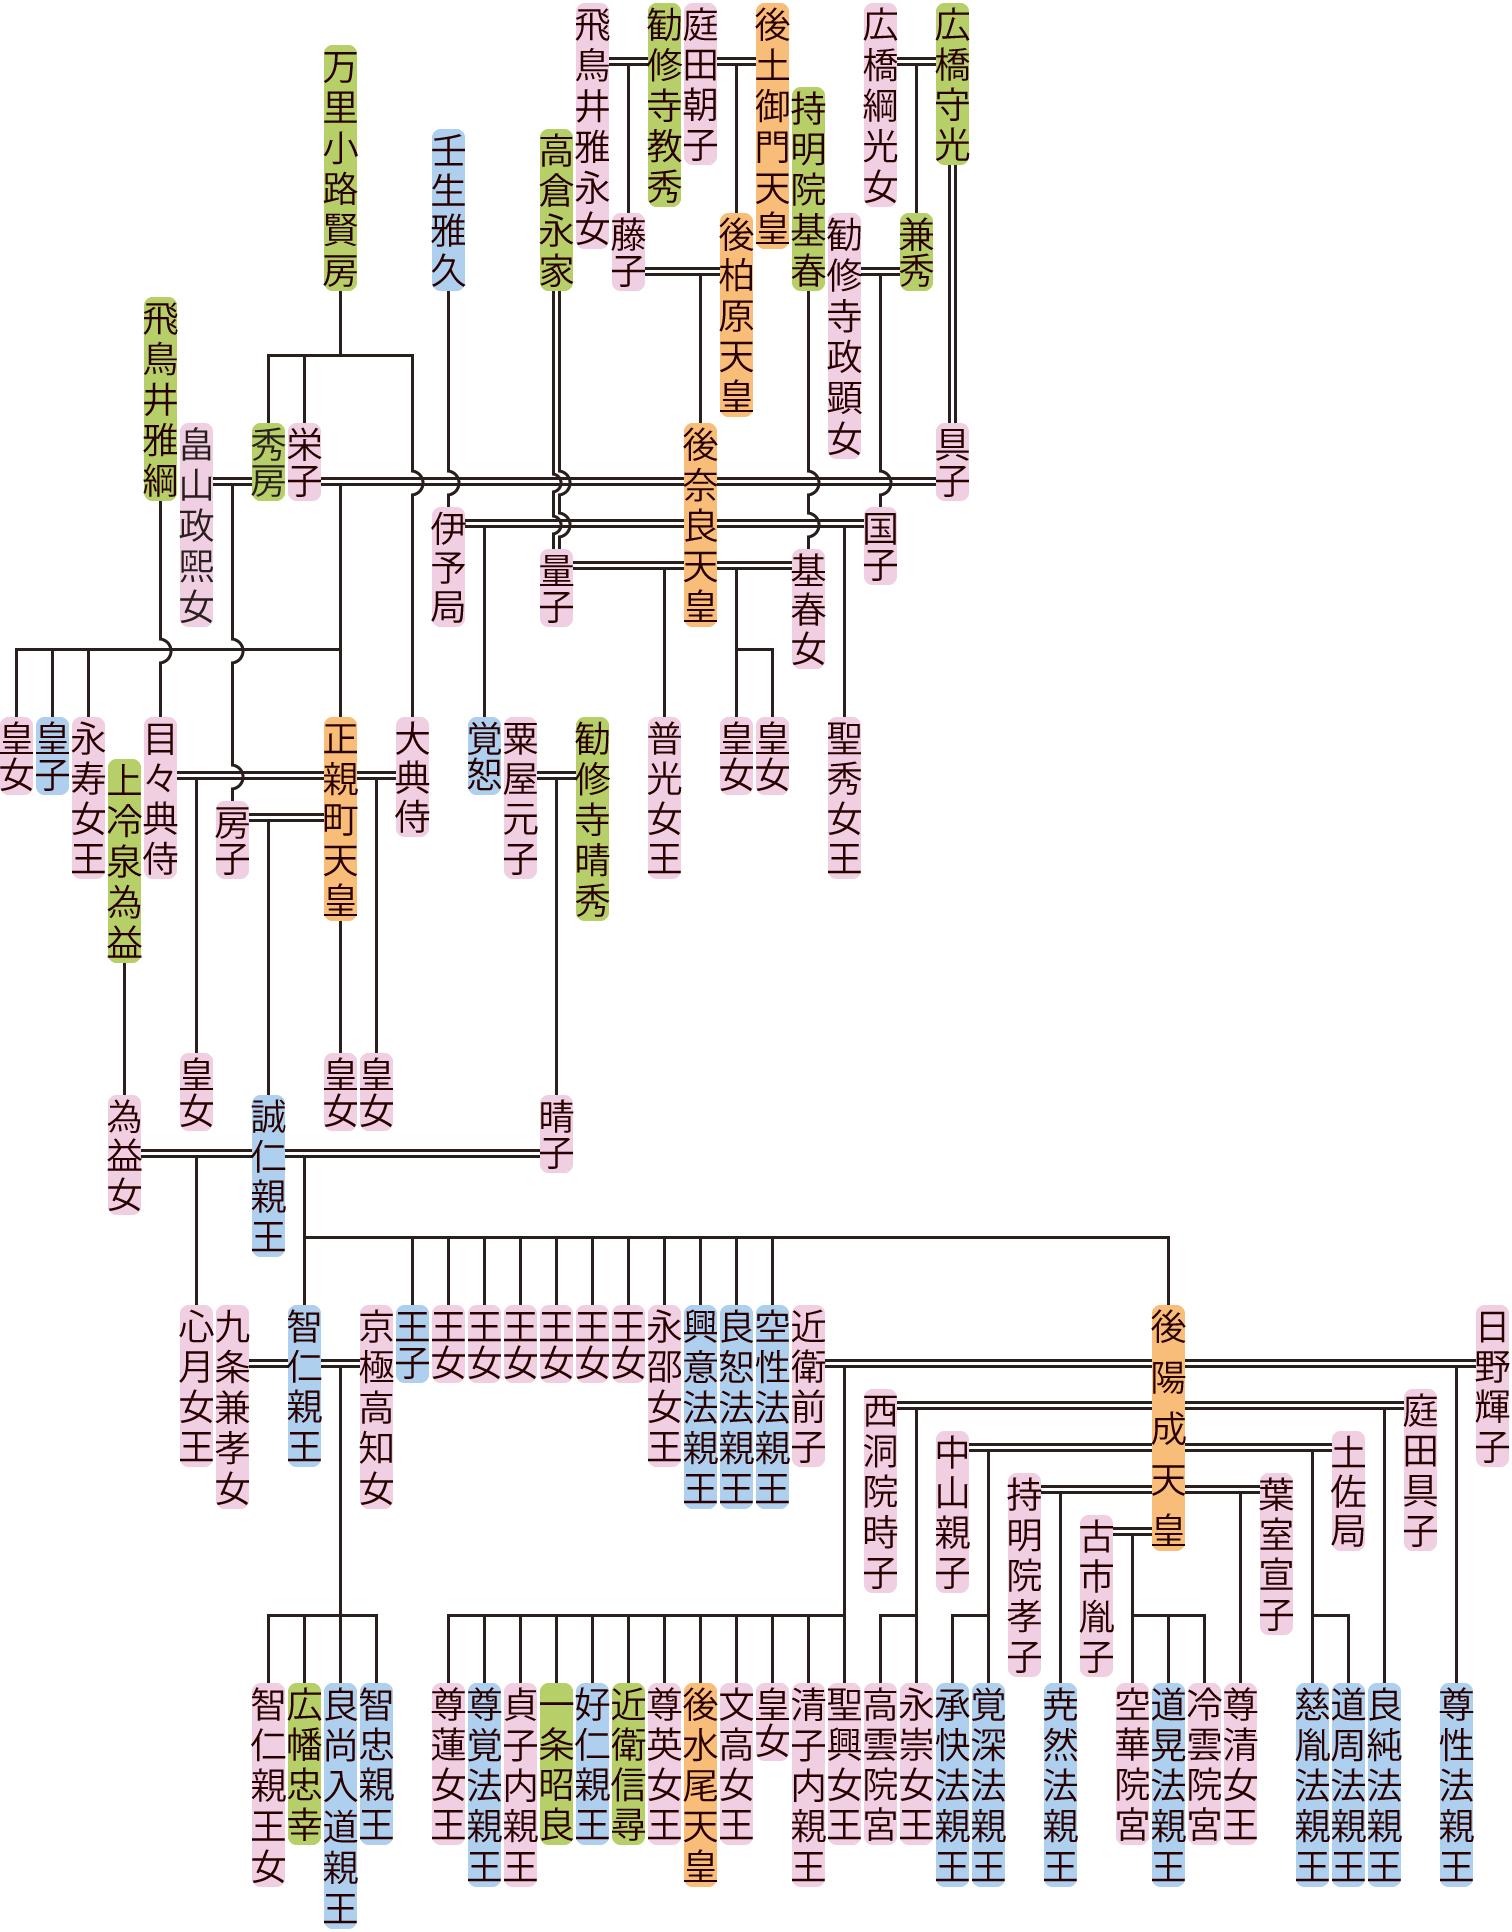 後奈良天皇~誠仁親王の系図